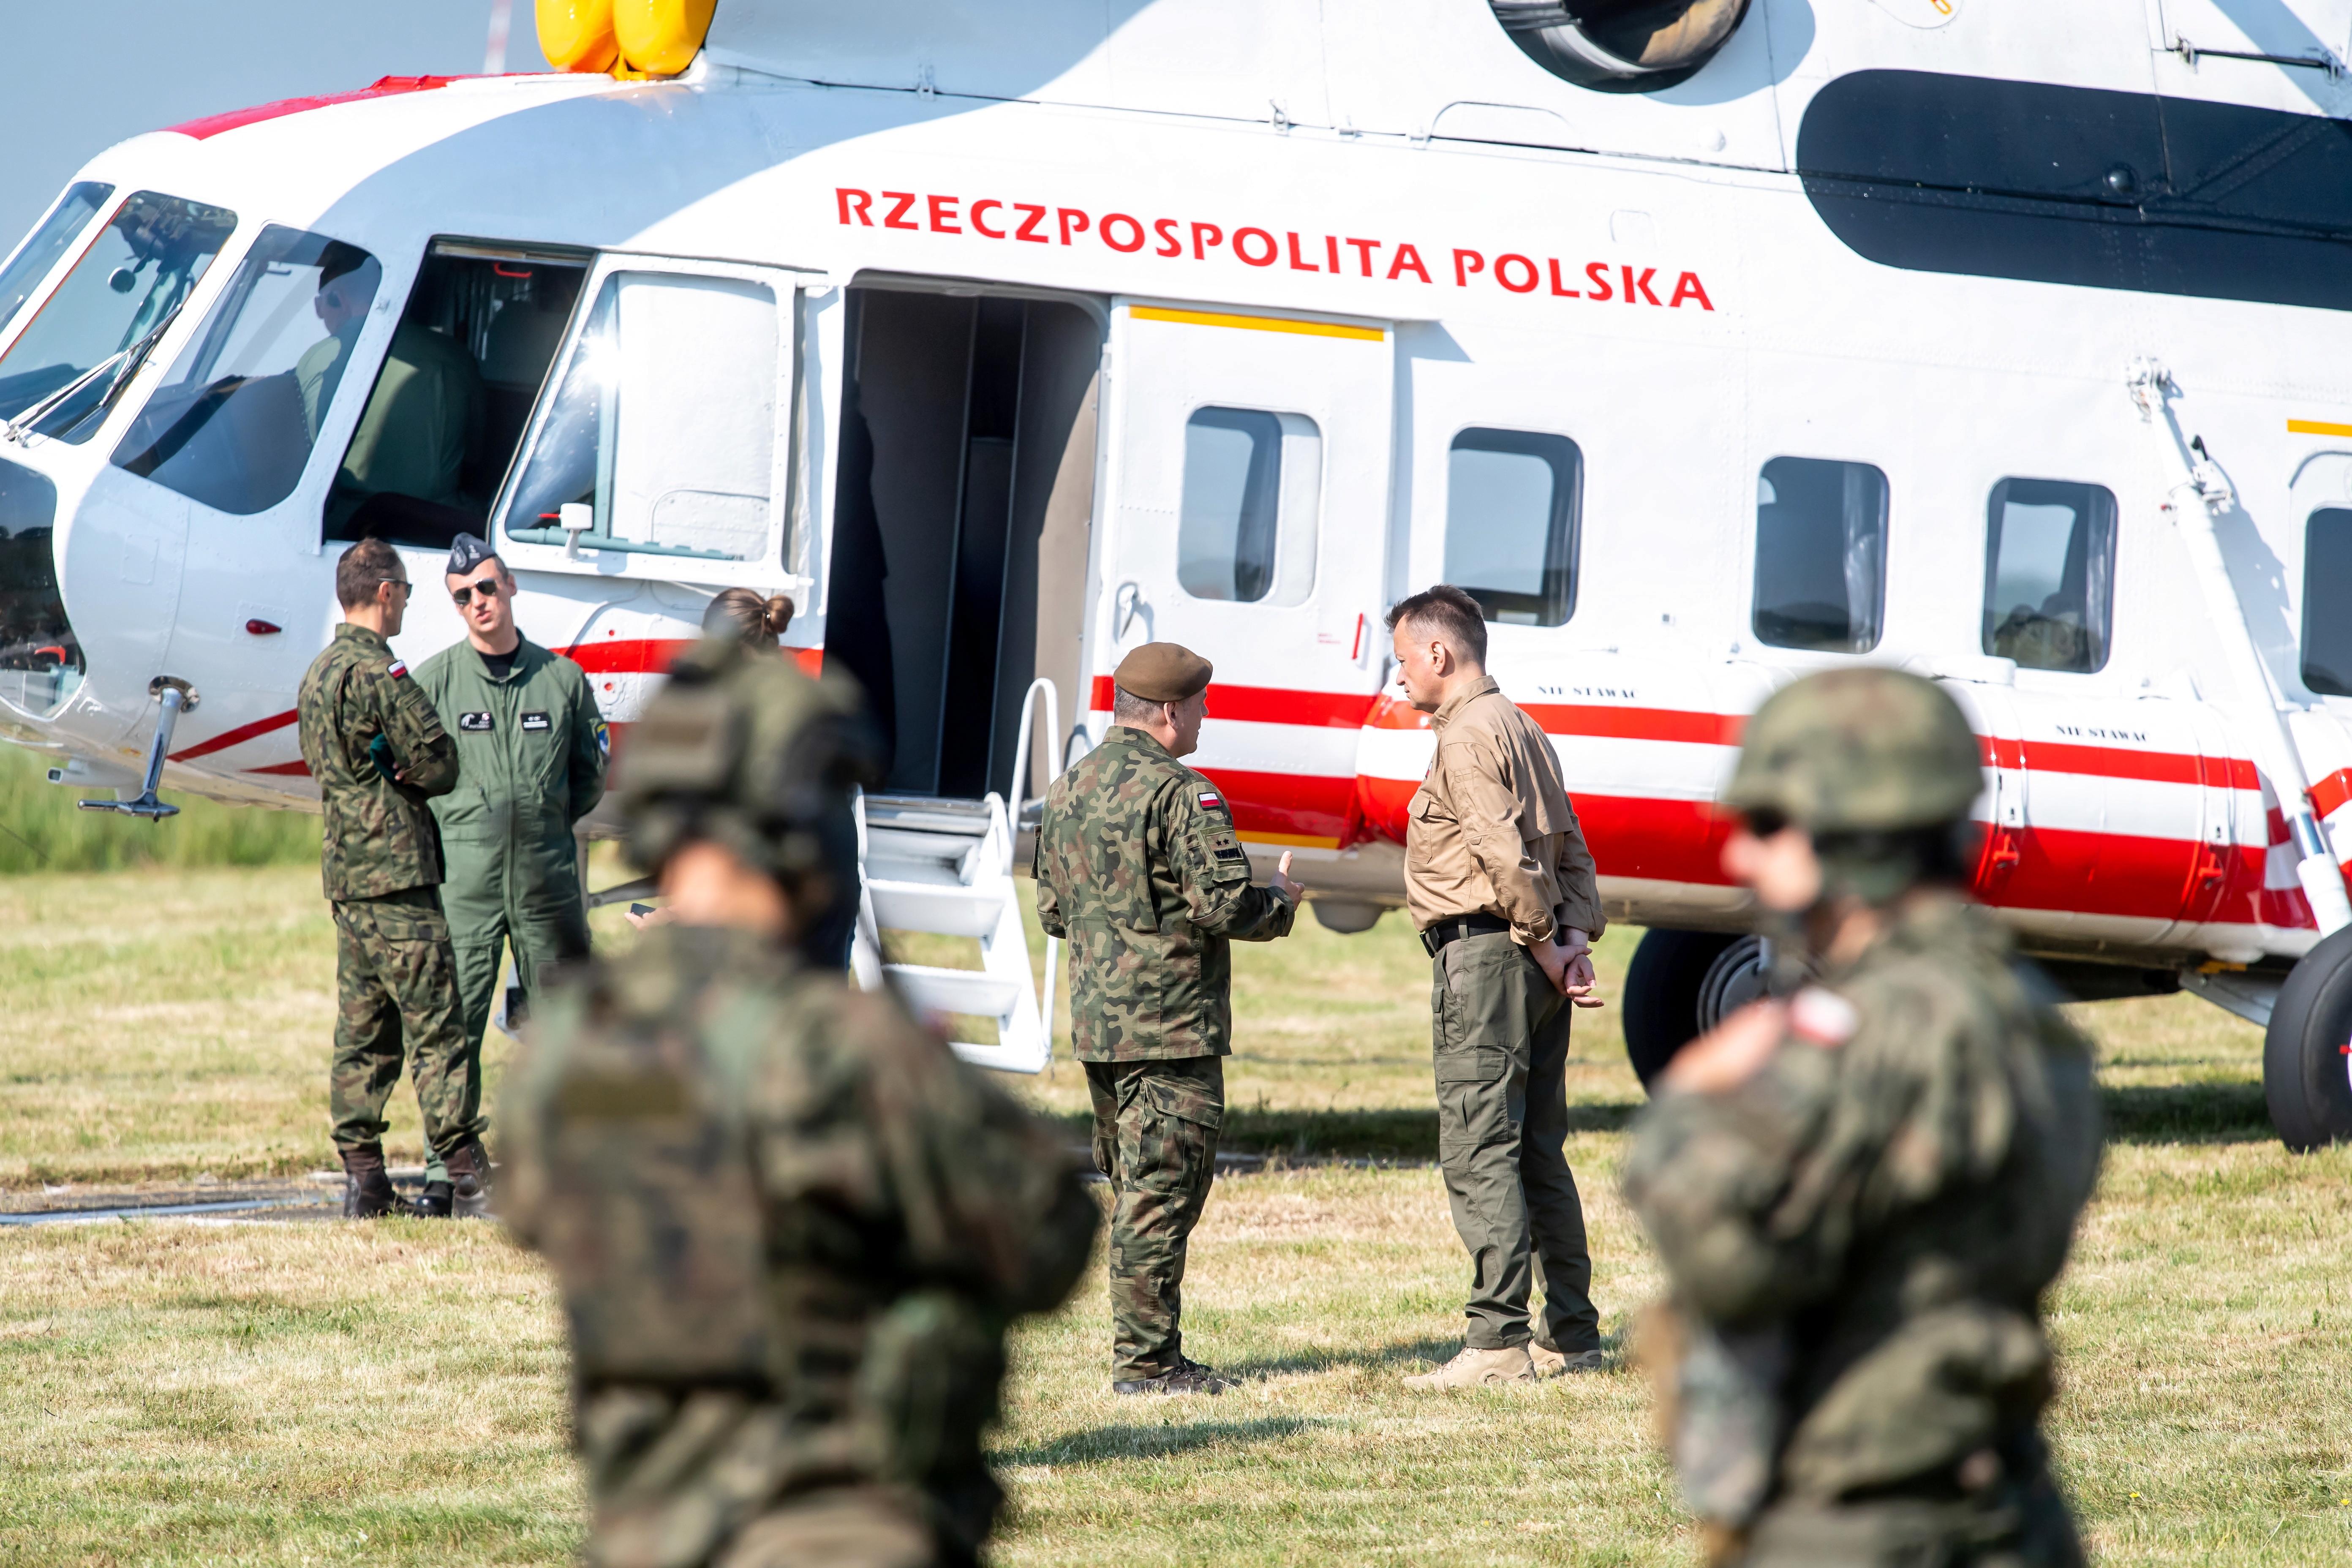 fot. PAP/Tytus Żmijewski